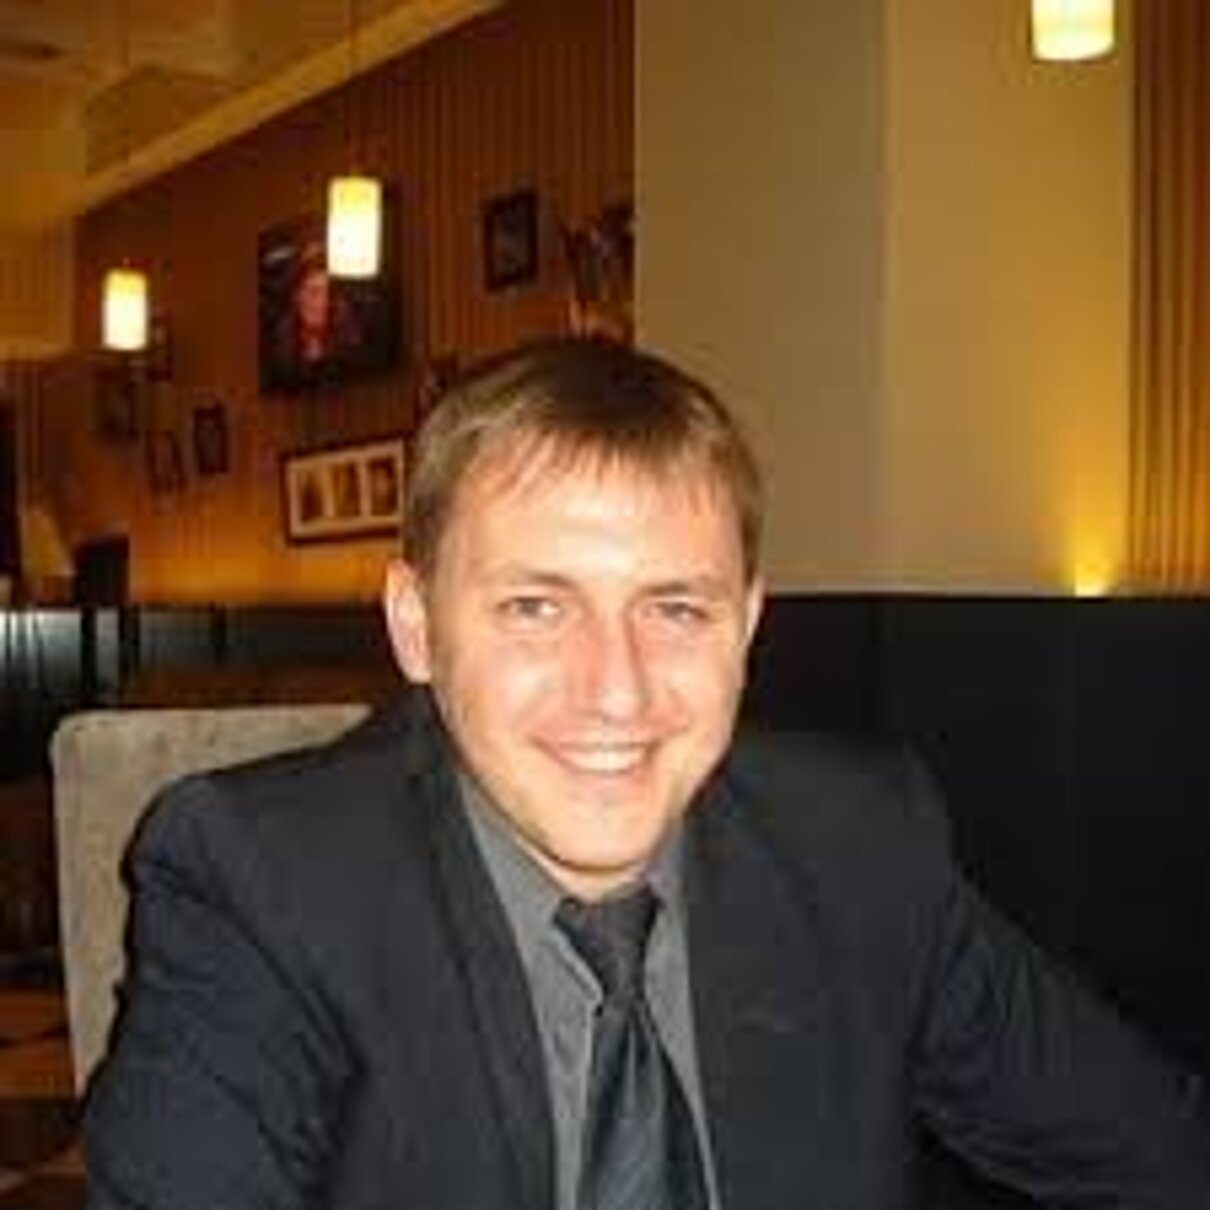 Жалоба-отзыв: Волторнист Сергей Анатолиевич, 0963027207 - Мошенник, аферист.  Фото №1